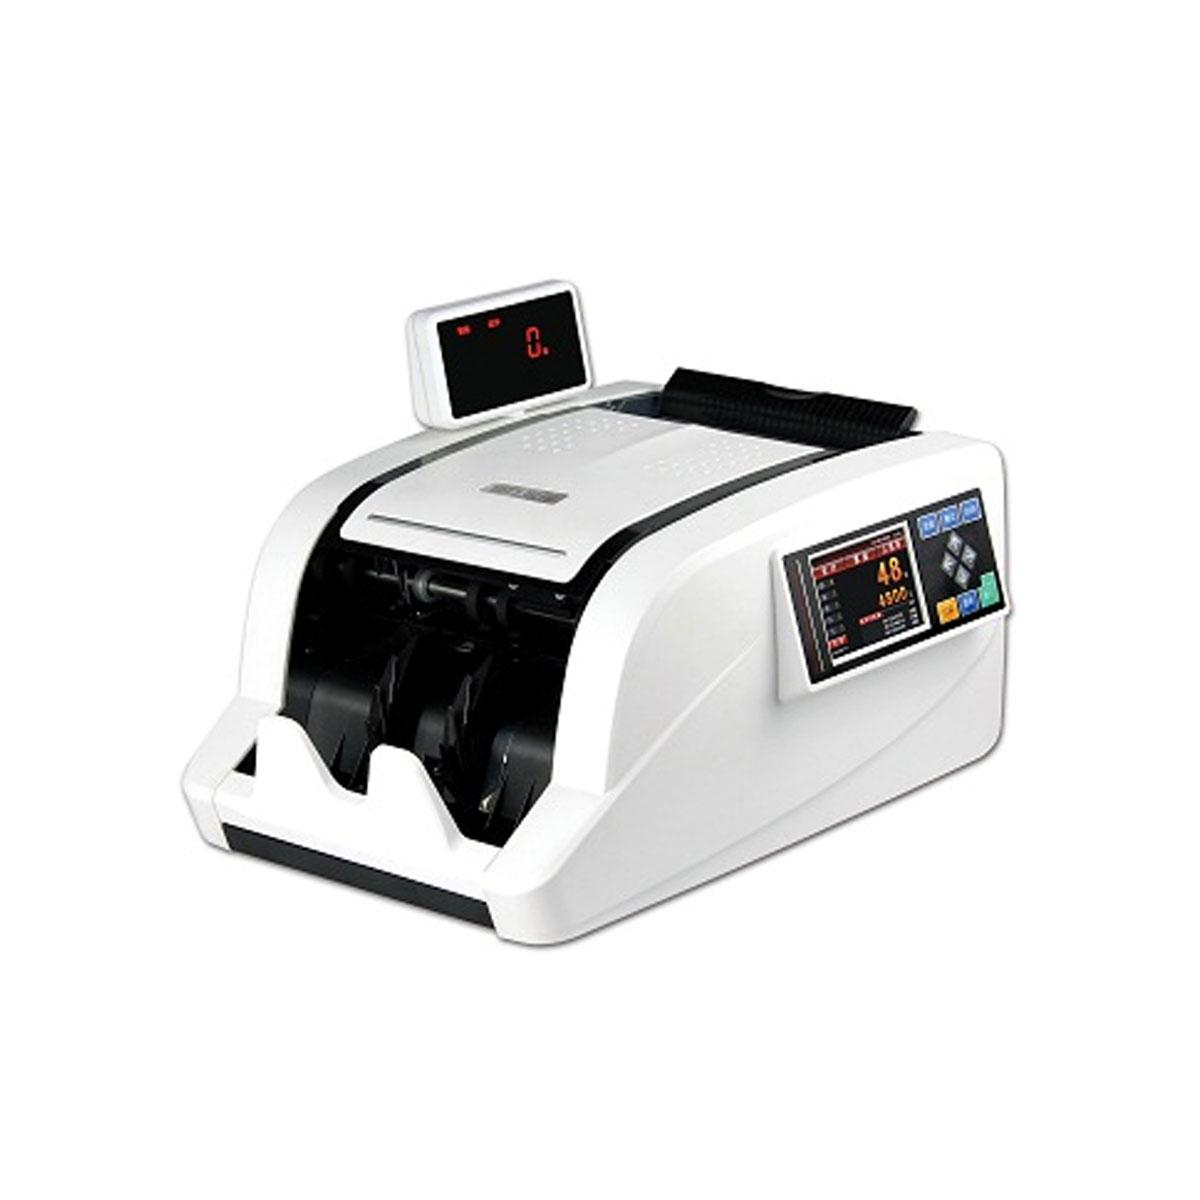 浩顺JBYD- 6000 (A)点钞机